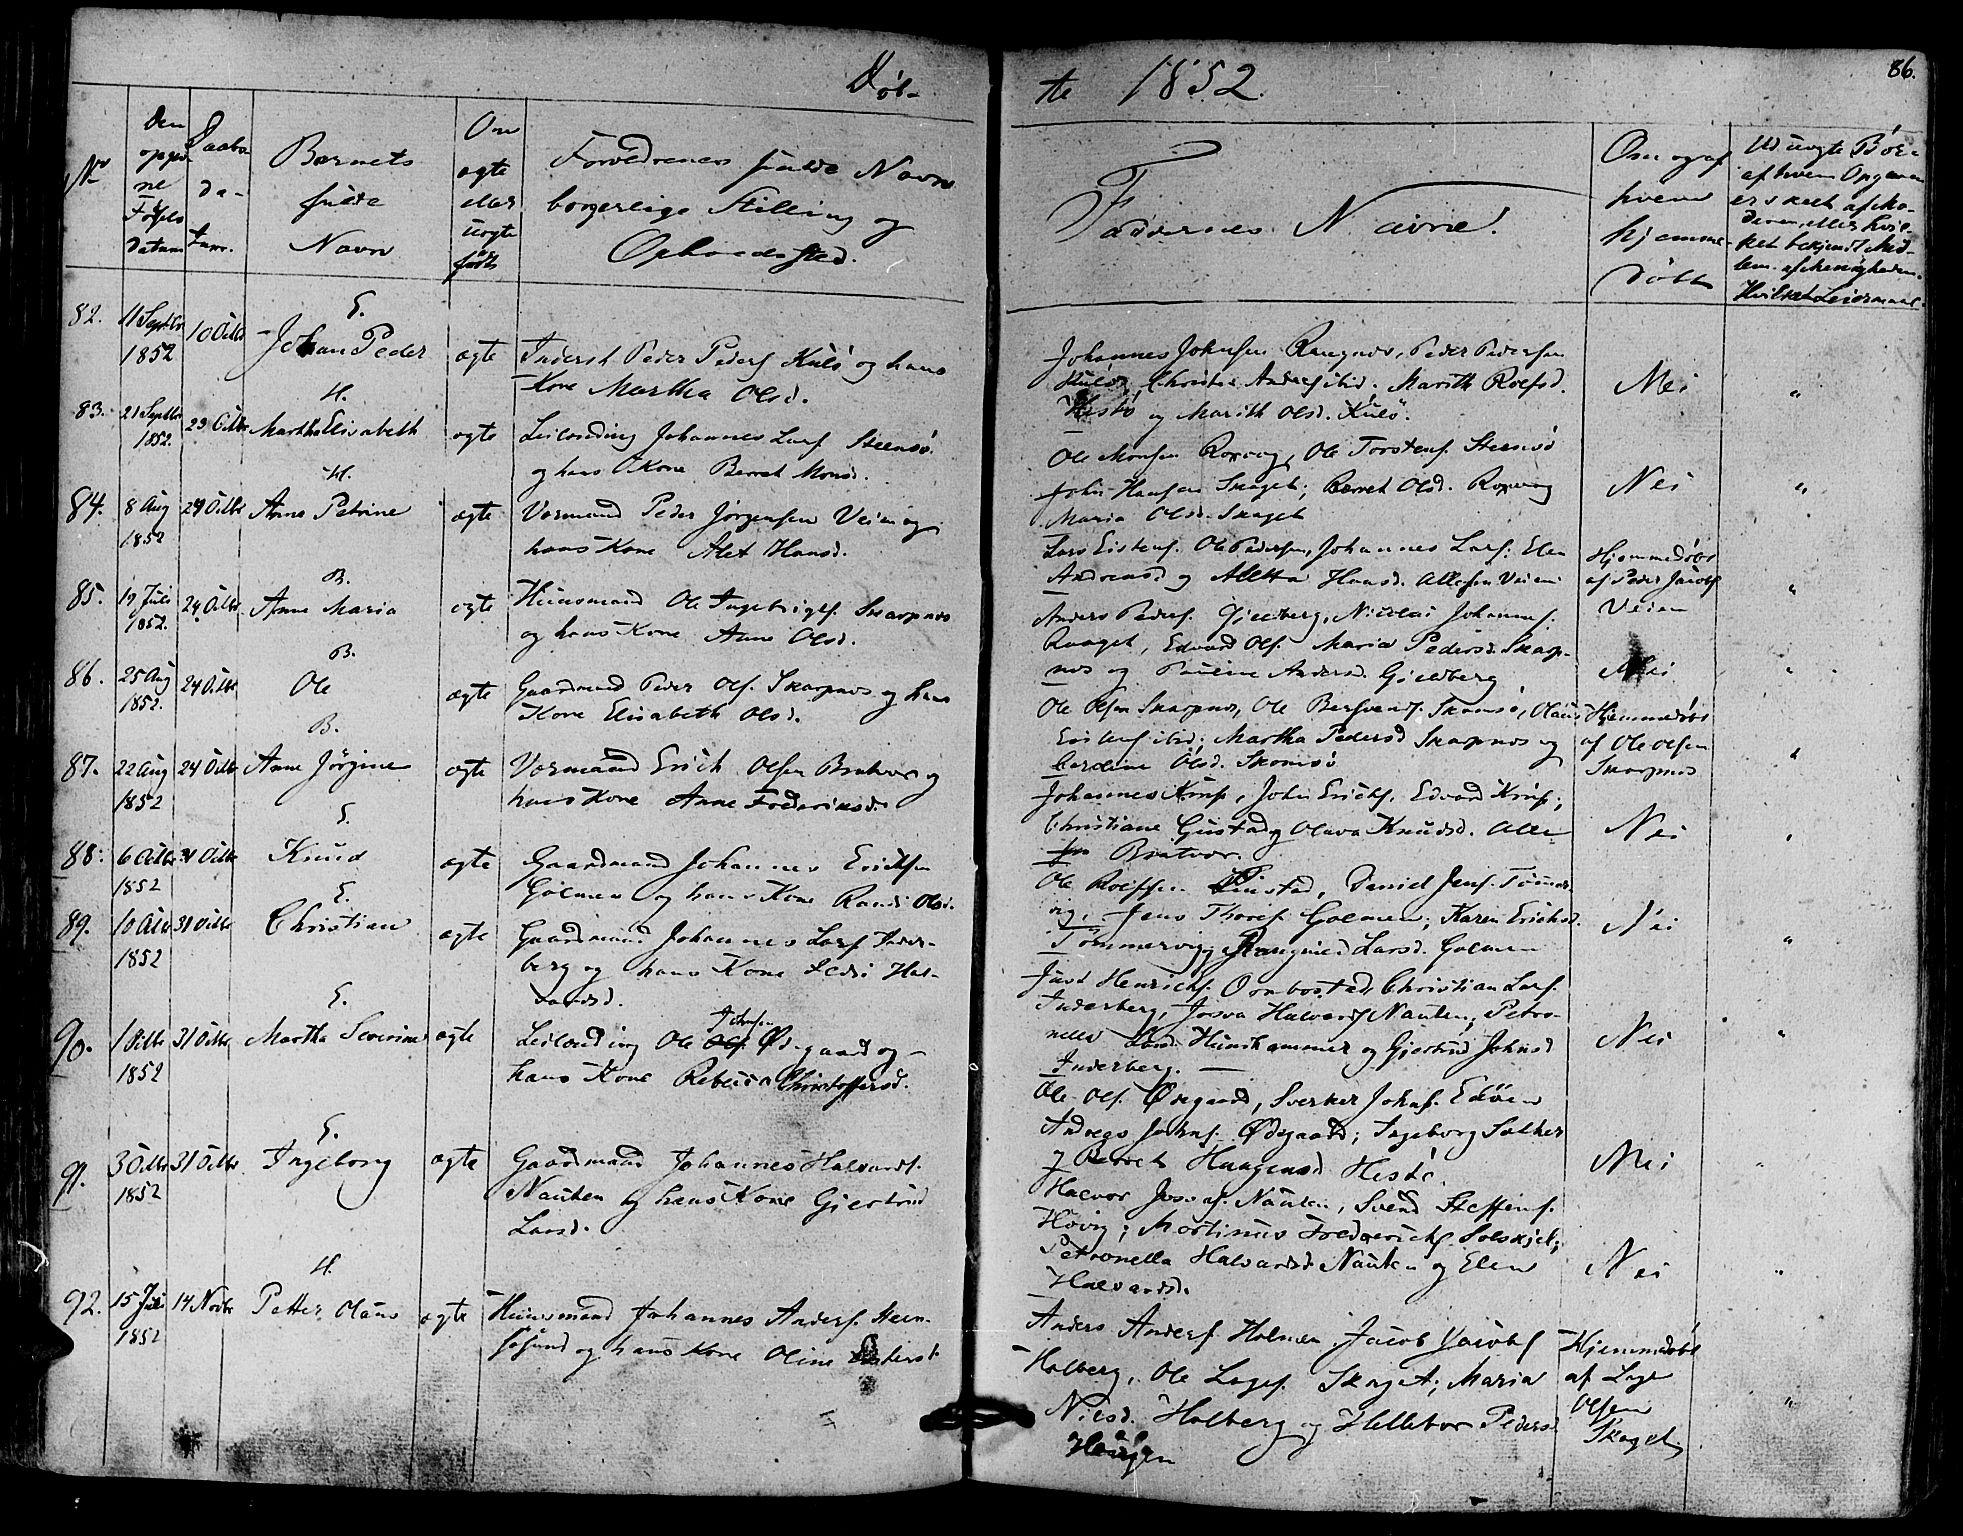 SAT, Ministerialprotokoller, klokkerbøker og fødselsregistre - Møre og Romsdal, 581/L0936: Ministerialbok nr. 581A04, 1836-1852, s. 86